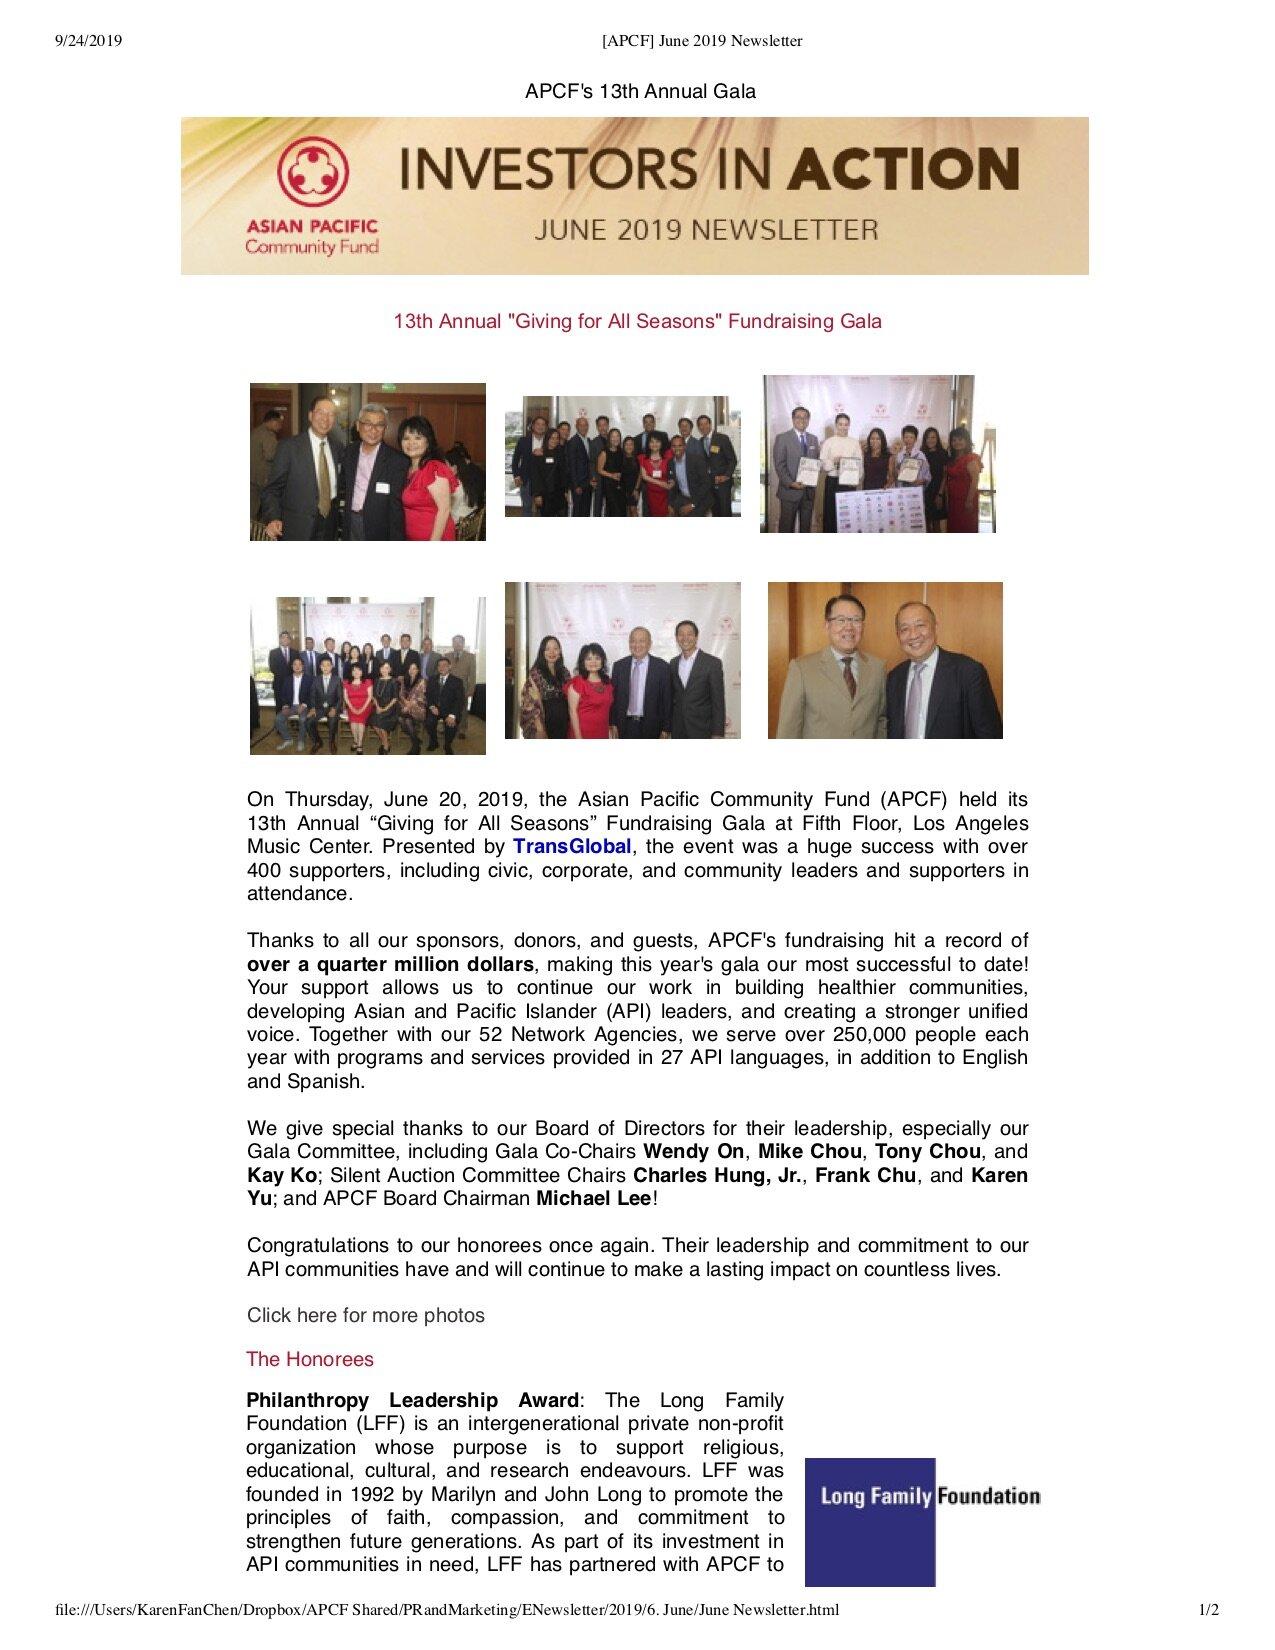 [APCF] June 2019 Newsletter.jpg